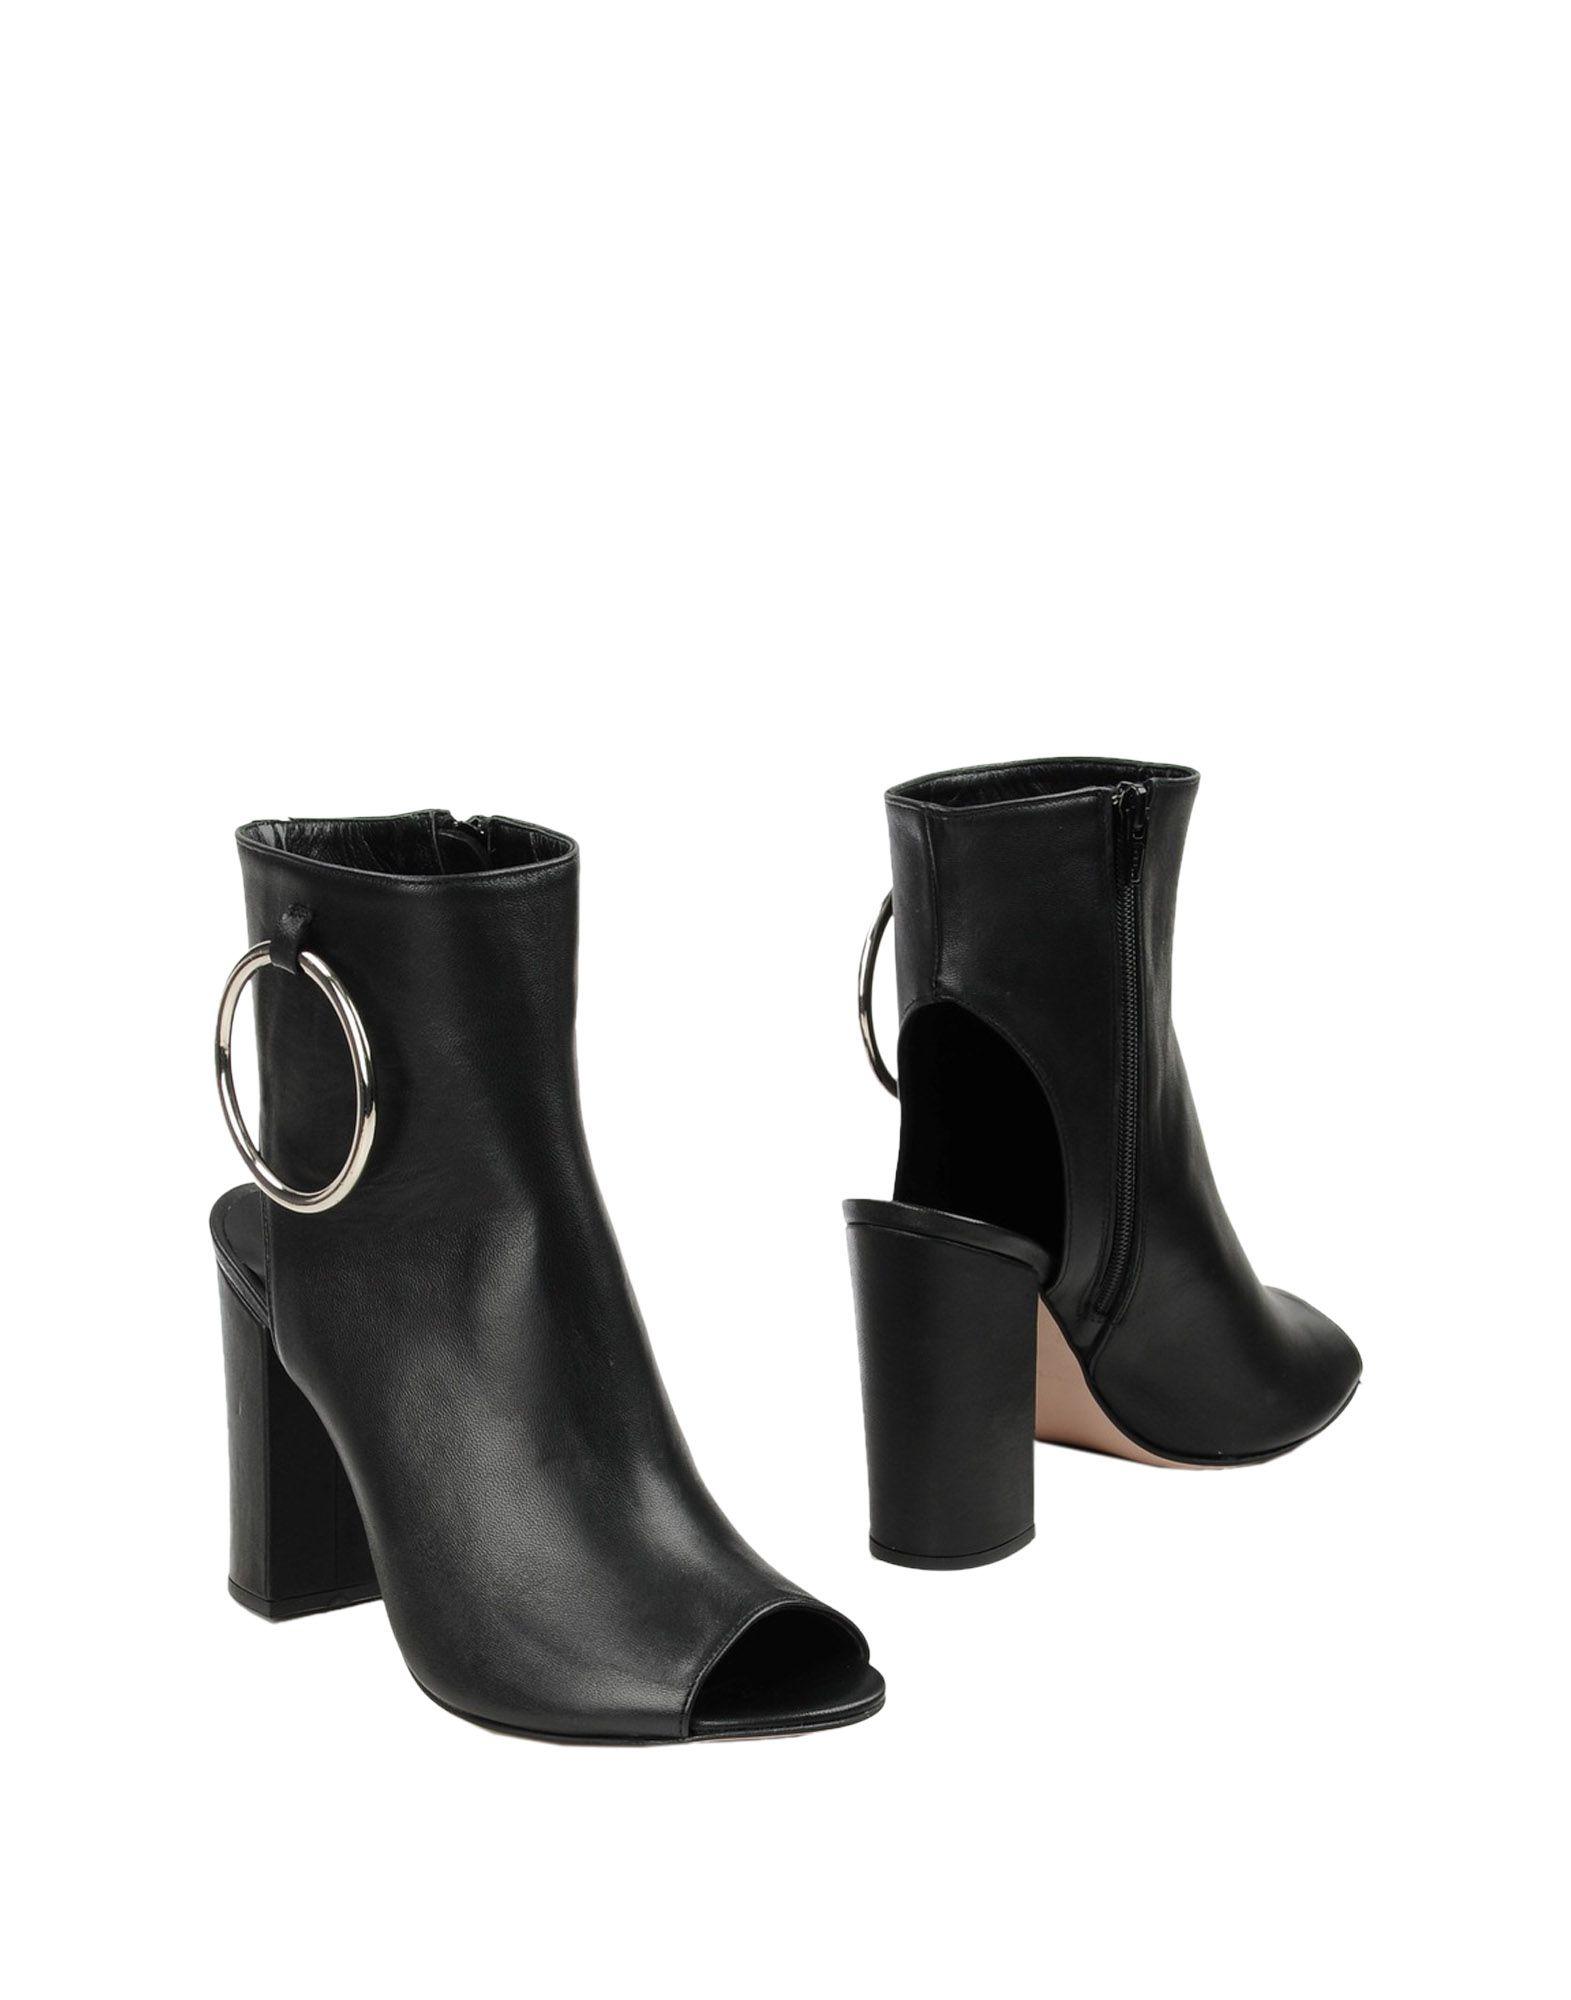 HOGAN STIVALETTI MIS. D 375 Marrone Donna Scarpe Stivali shoes tacco alto